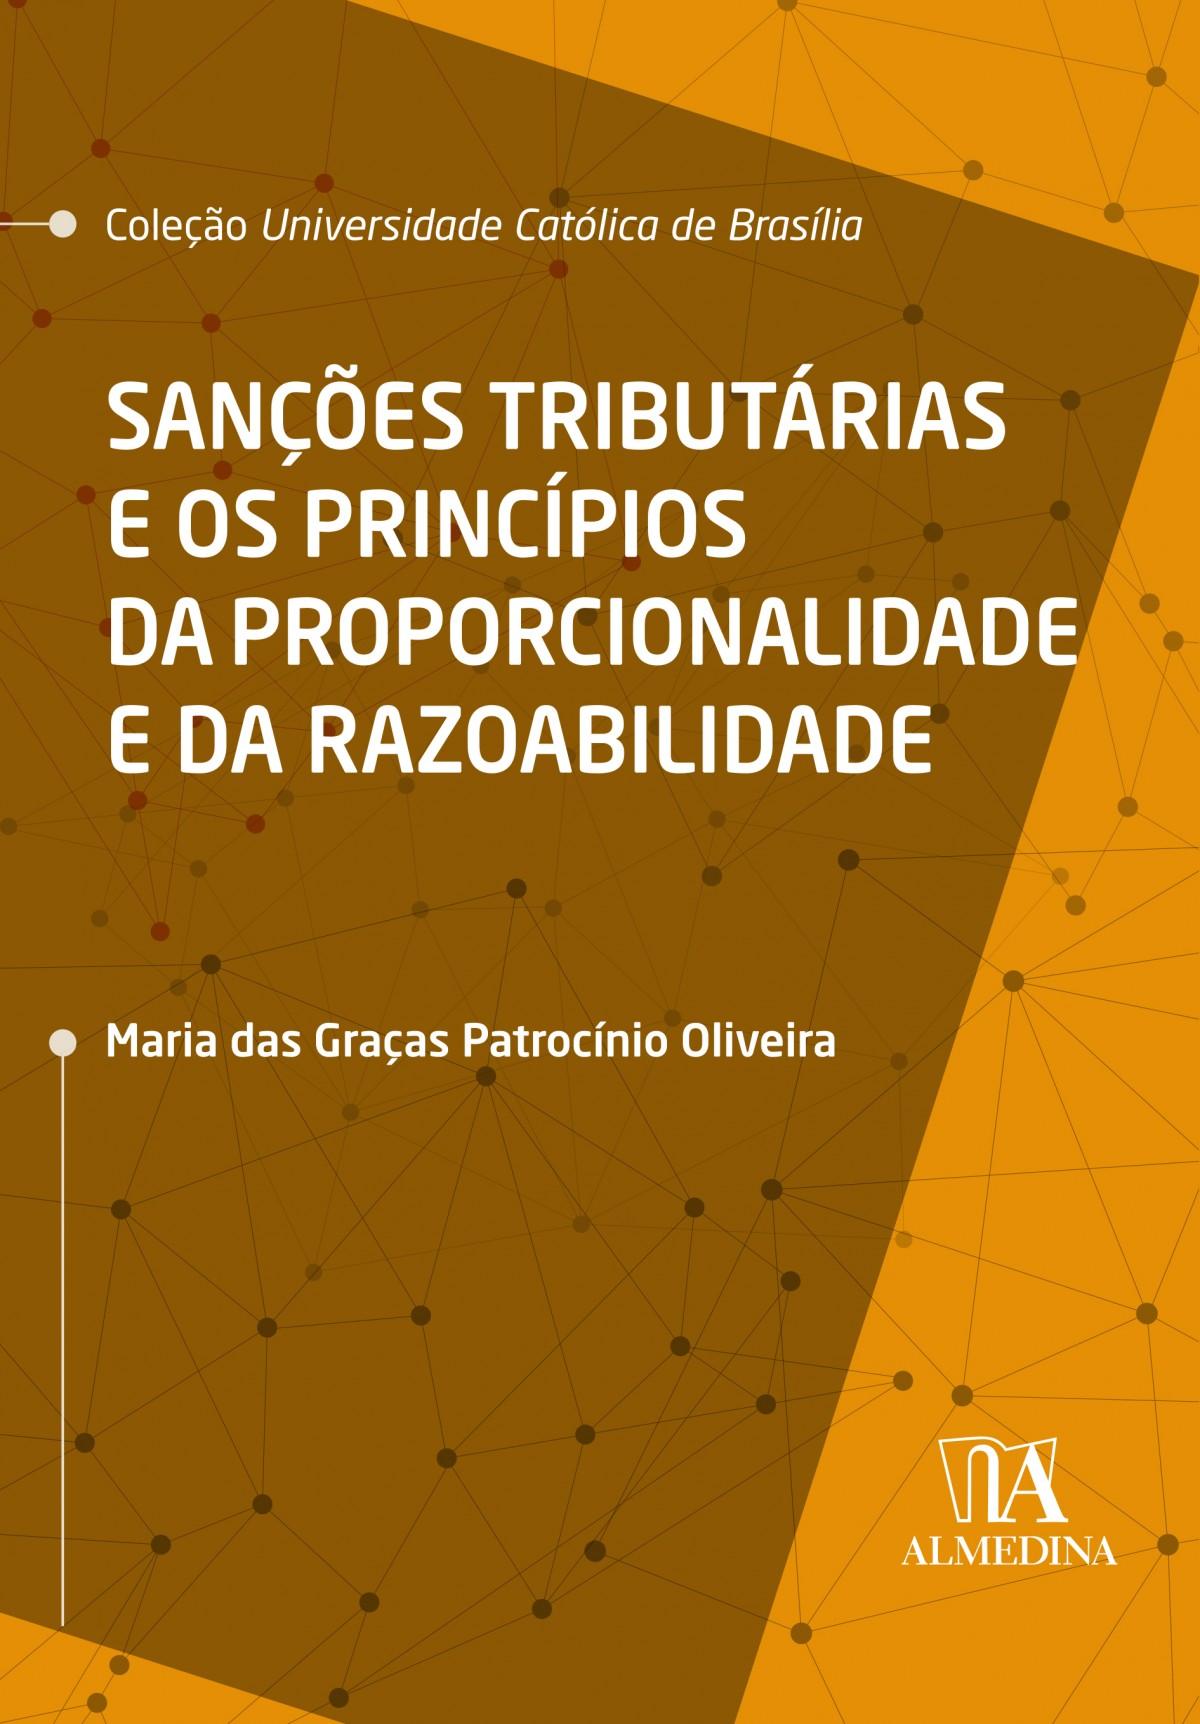 Foto 1 - Sanções Tributárias e os Princípios da Proporcionalidade e da Razoabilidade